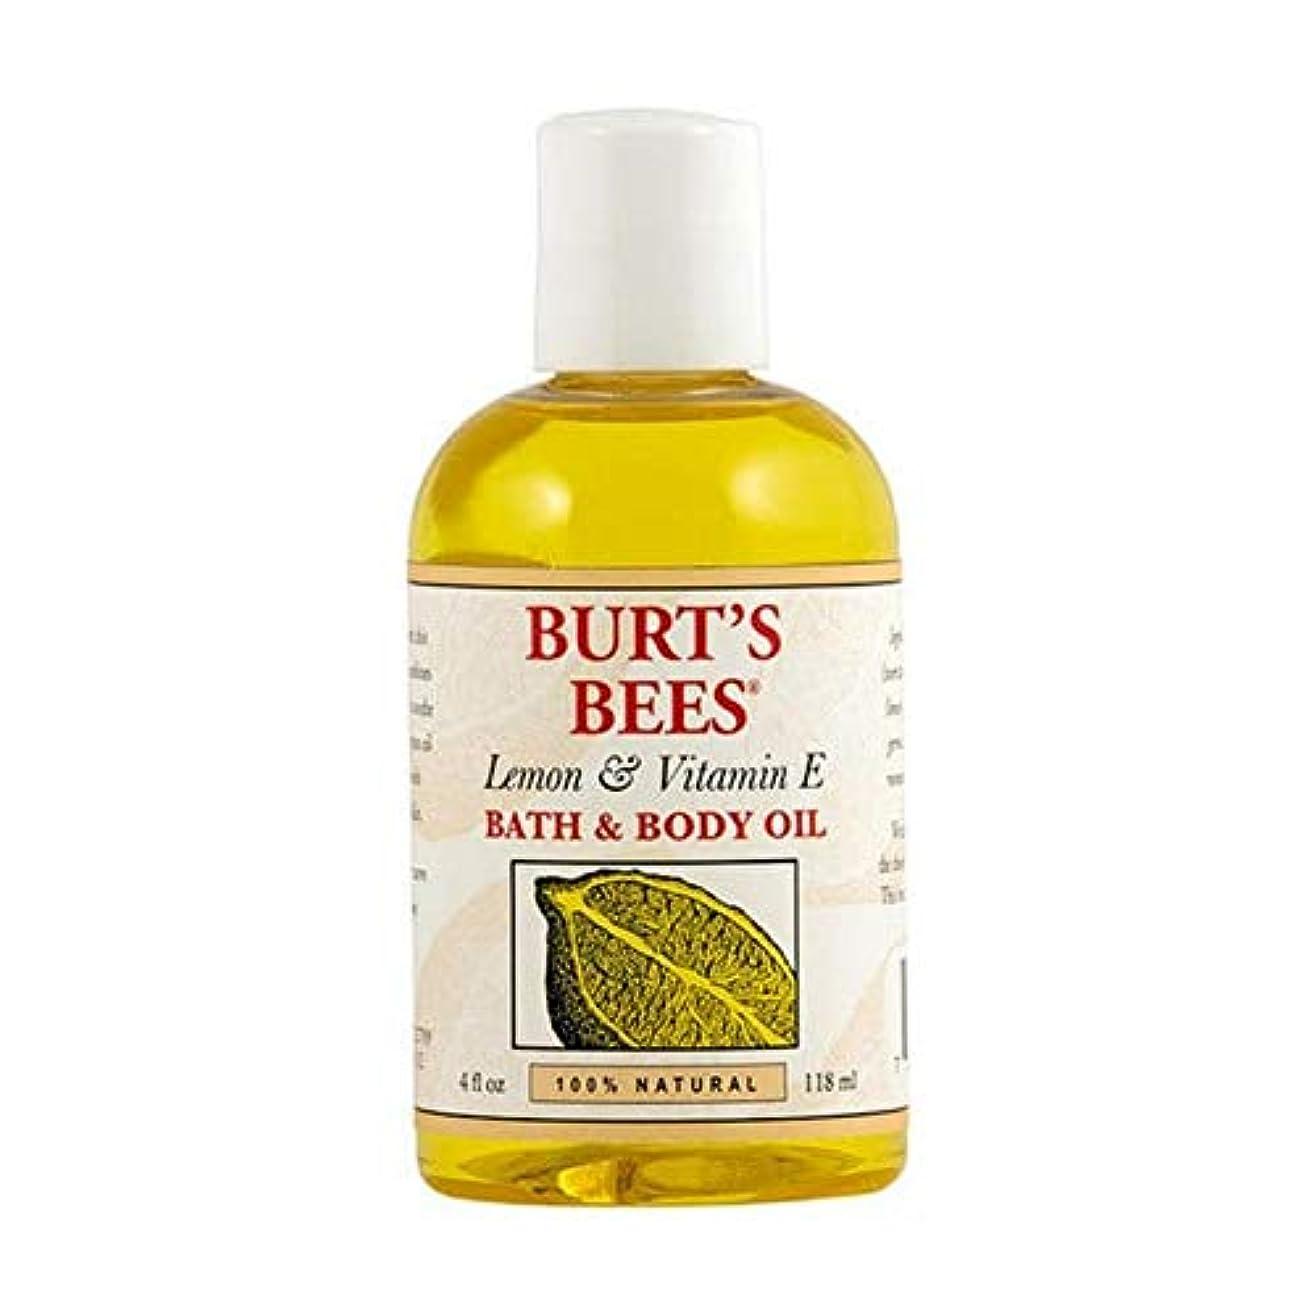 機関車インゲン風刺[Burt's Bees ] バーツビーレモンとビタミンE体とバスオイル115ミリリットル - Burt's Bees Lemon and Vitamin E Body and Bath Oil 115ml [並行輸入品]